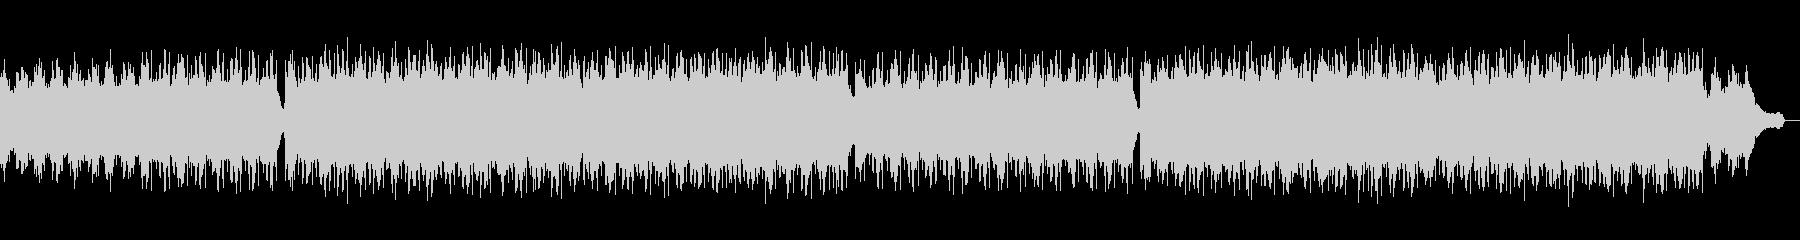 企業VP183、ピアノ、アコギ、爽やかLの未再生の波形